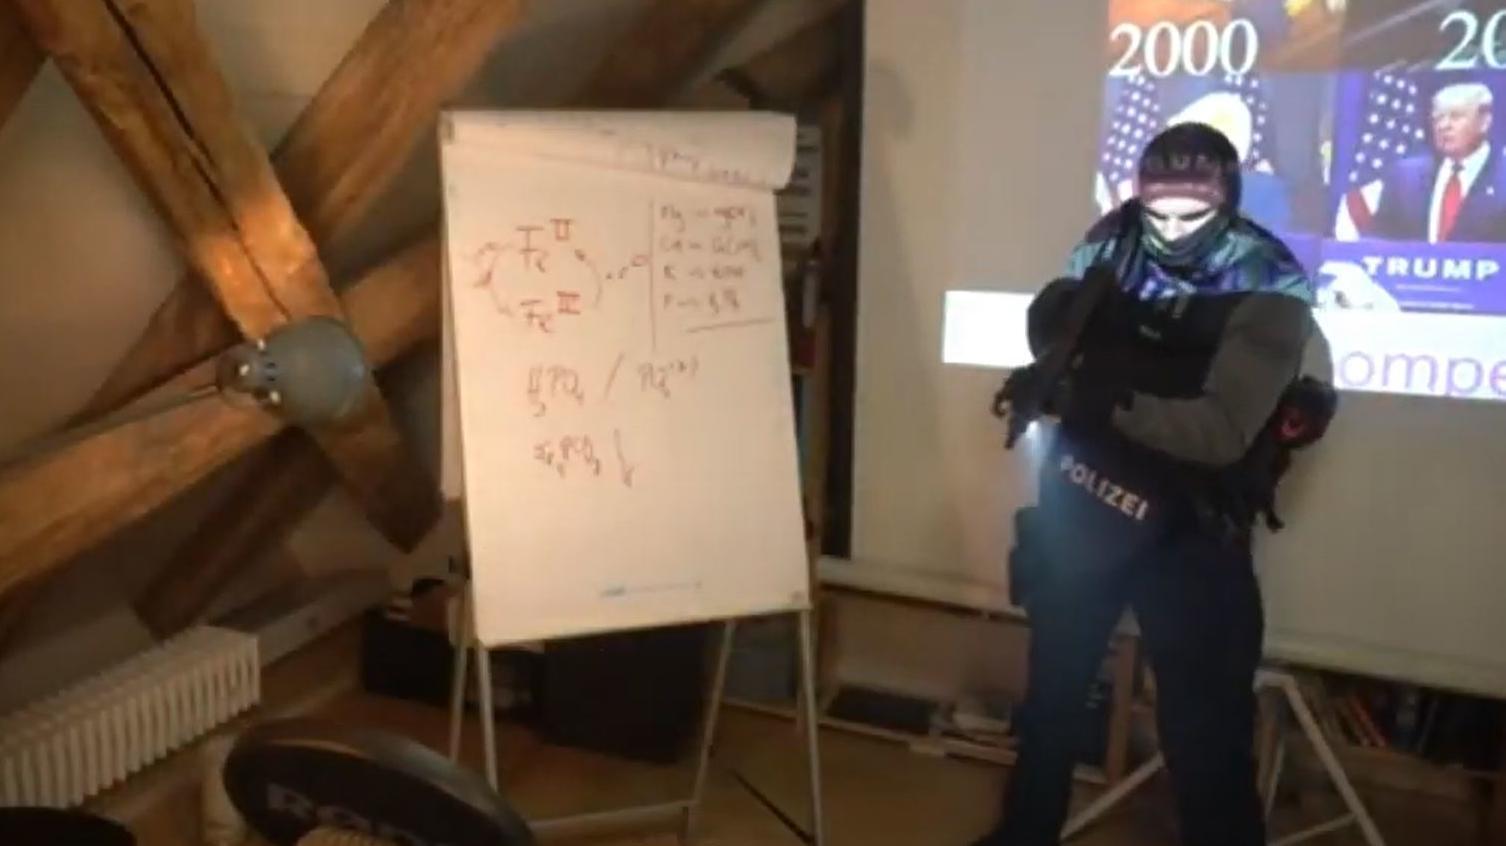 Der YouTuber Andreas Noack geriet während eines Live-Streams inmitten einer polizeilichen Durchsuchung.